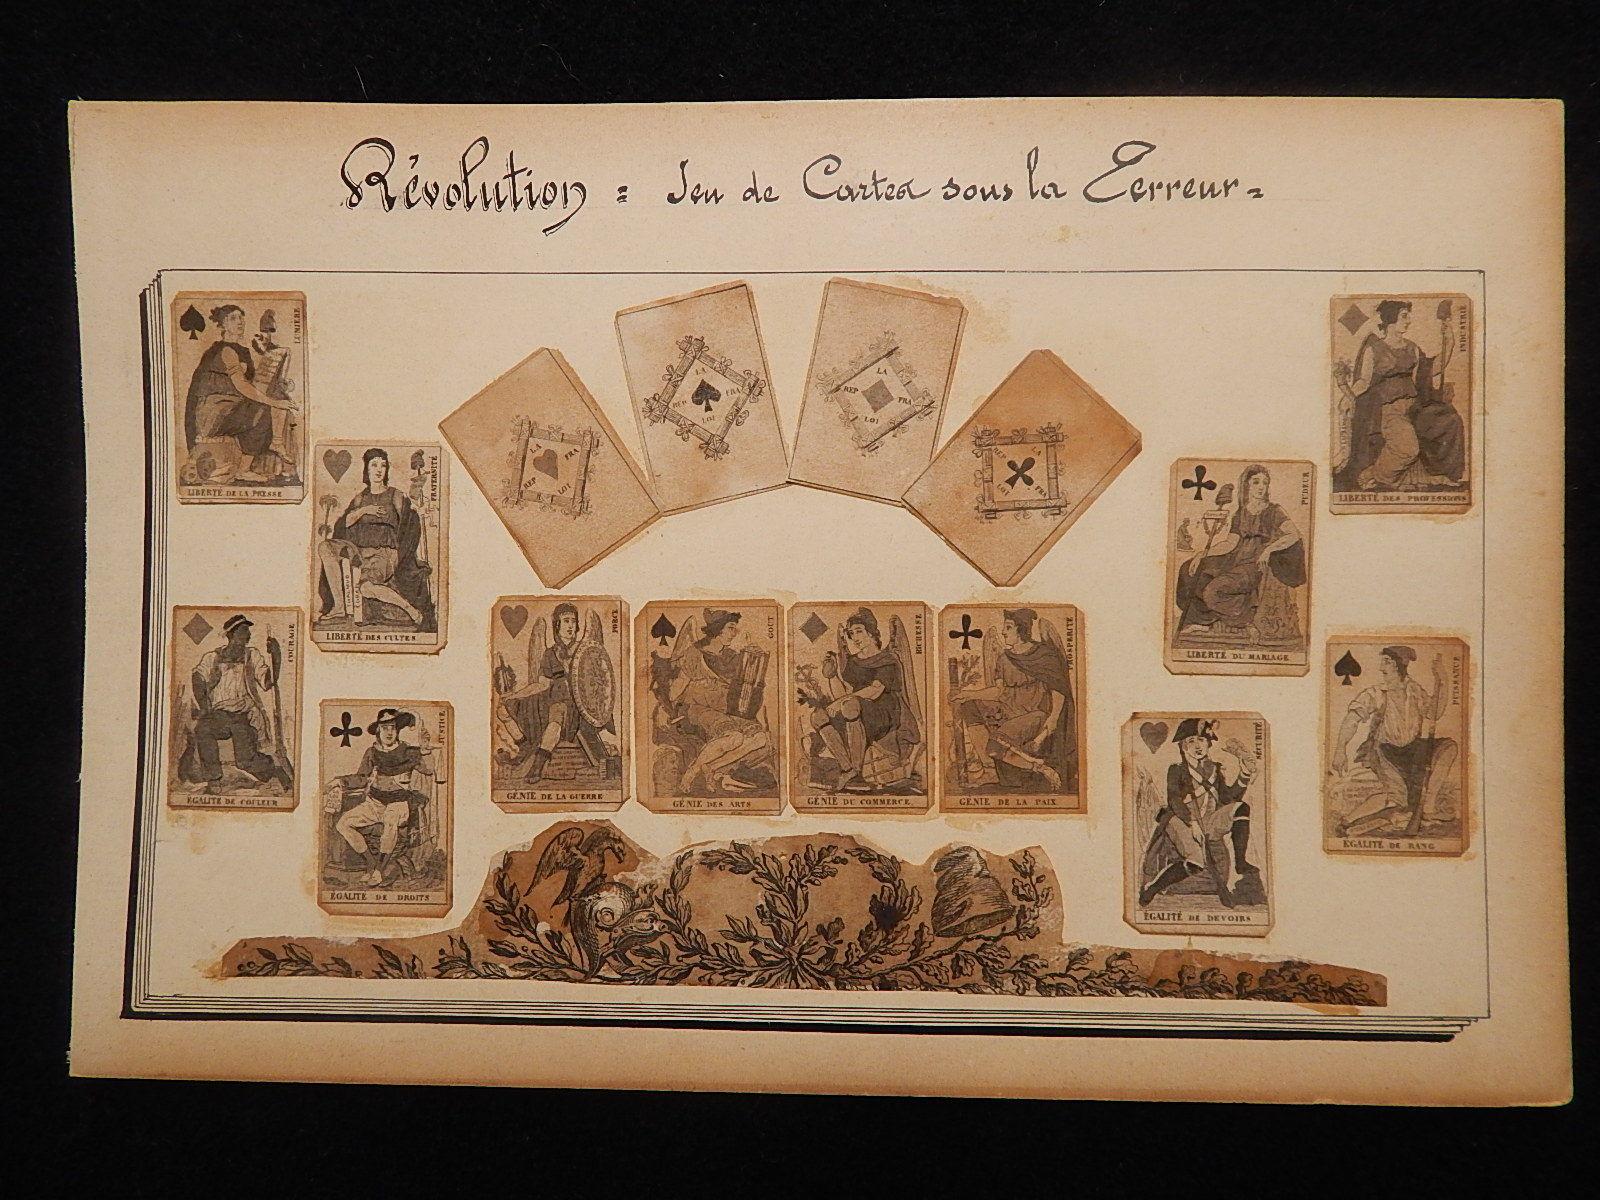 JEU DE CARTES / Card game - REVOLUTIONAIRE / Revolutionary - SVB - XVIII - RARE